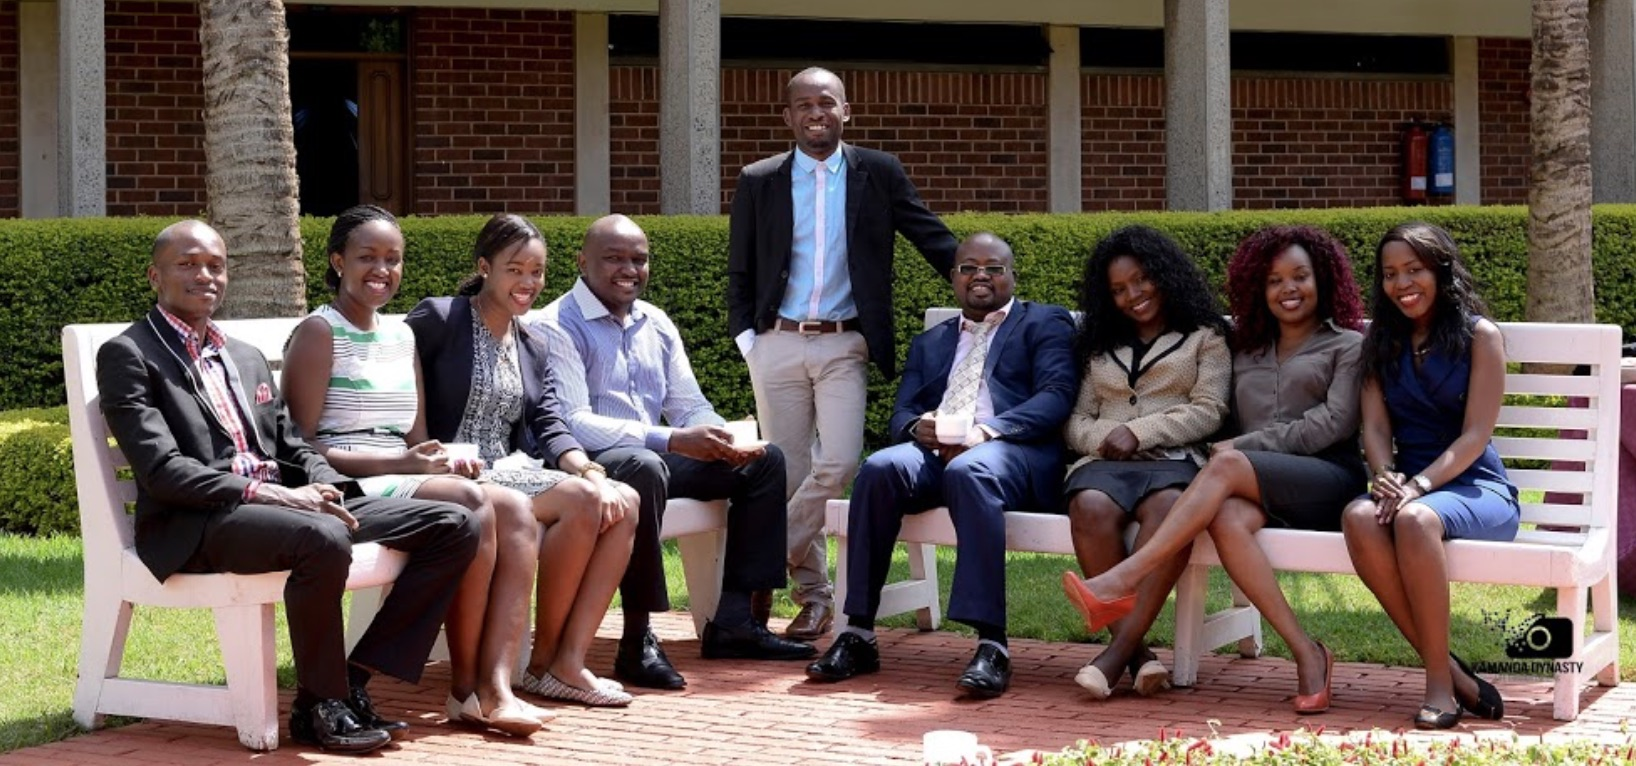 Keroche Foundation: Season 2 Young Entrepreneur Mentees Class of 2016-17